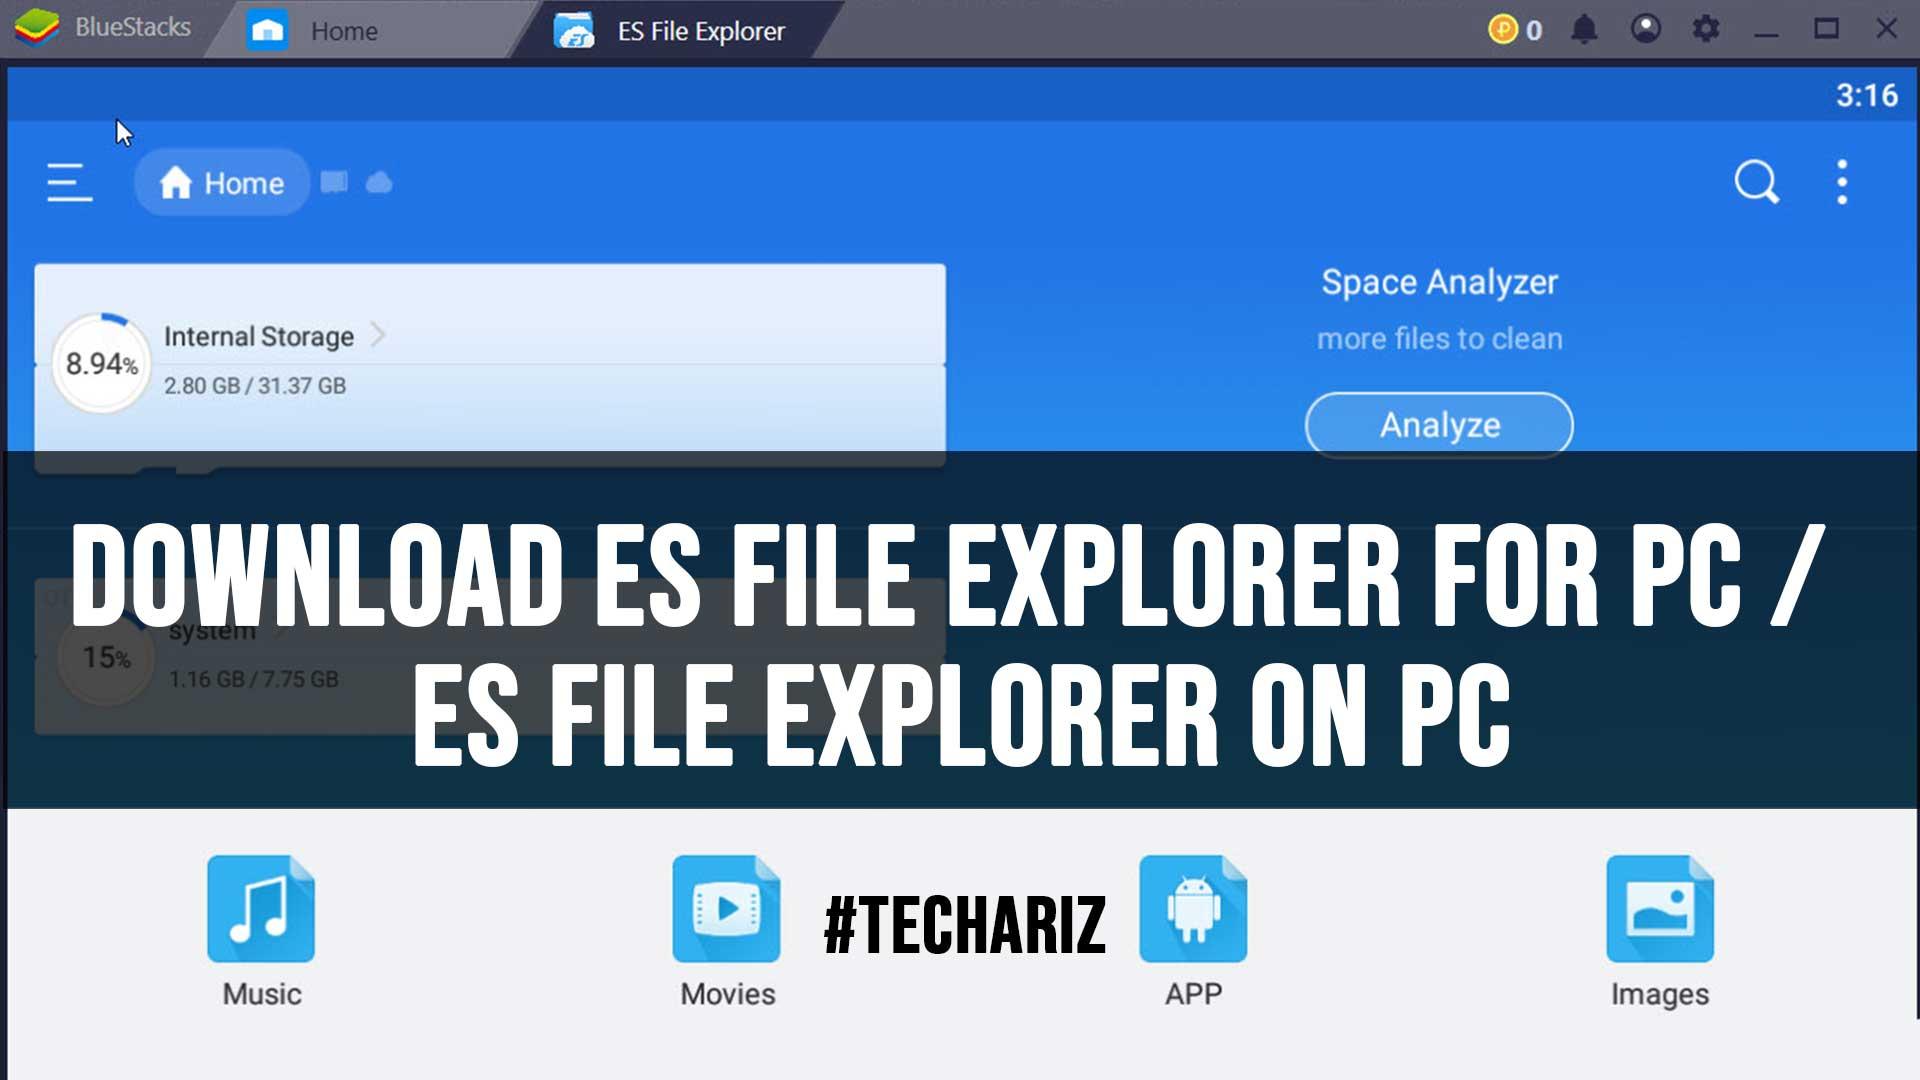 Download ES File Explorer for PC ES File Explorer on PC